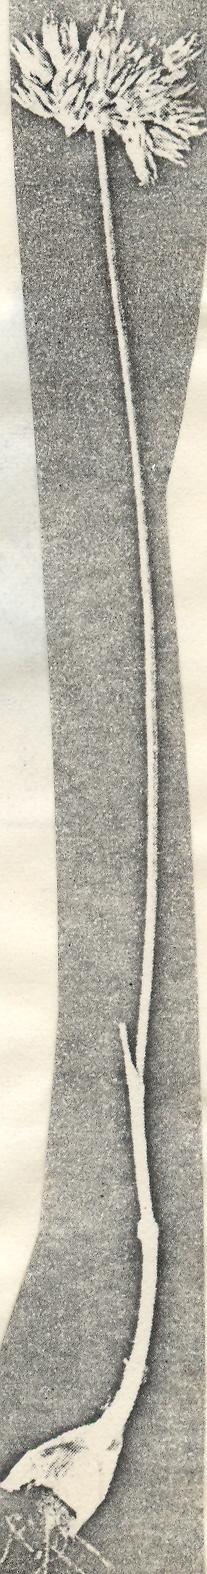 Allium%20bracteolatum.jpg